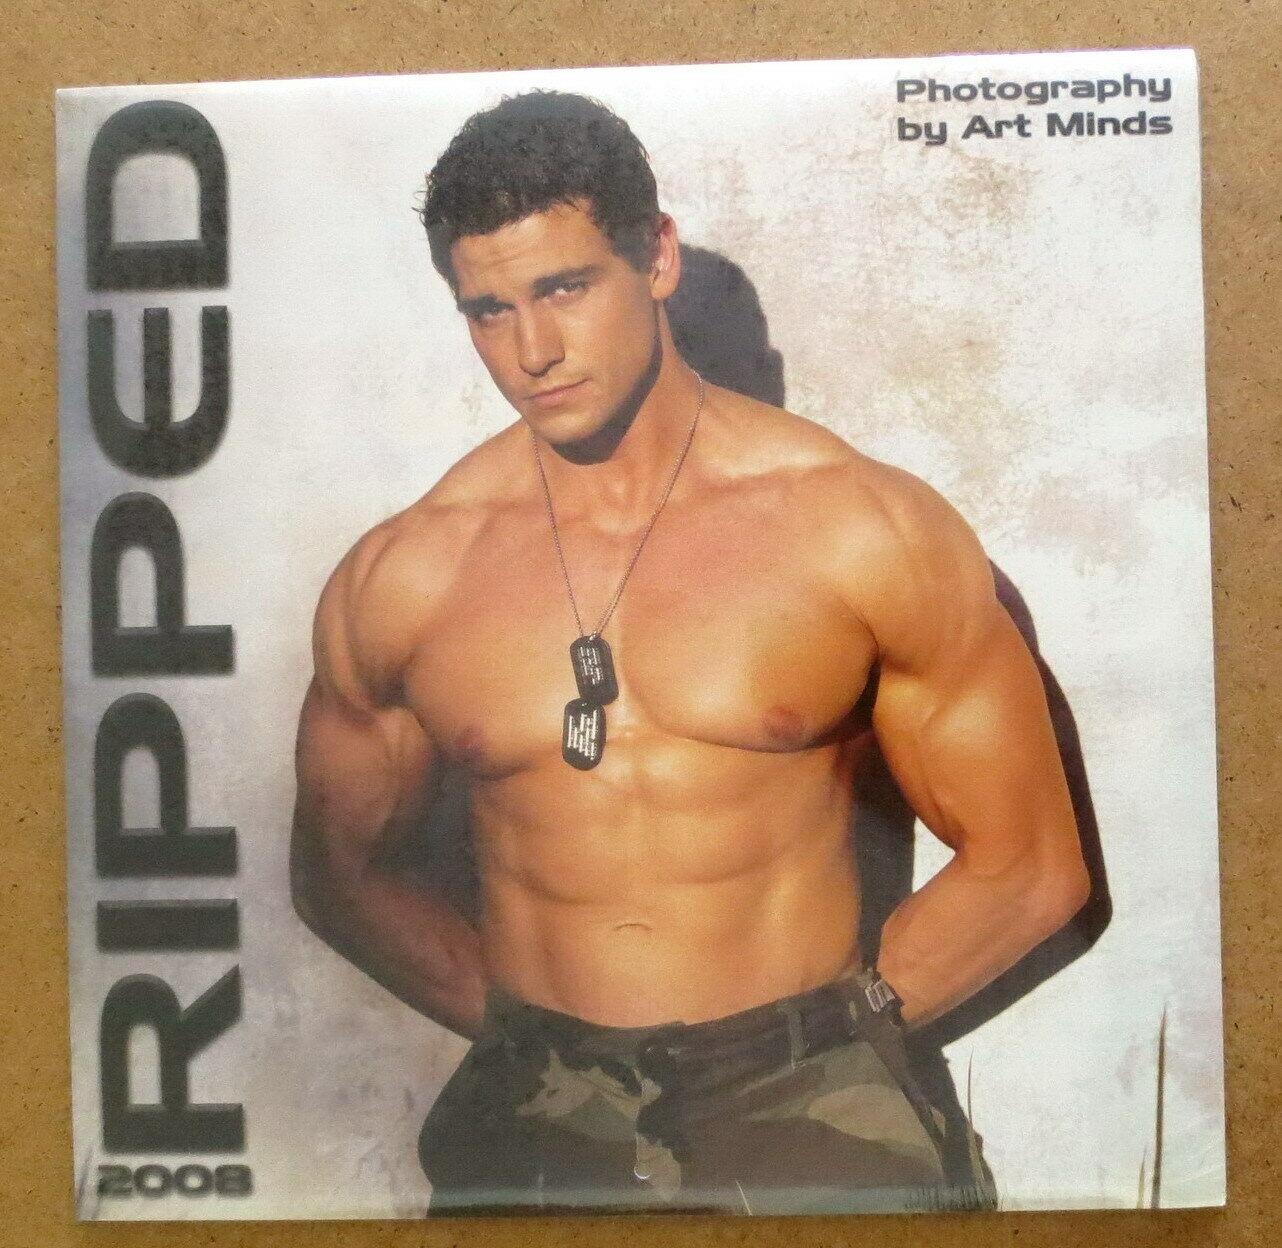 Ripped Calendar 2008 Fitness Male Models Bodybuilder Hot Hunks Jocks Muscle  Men